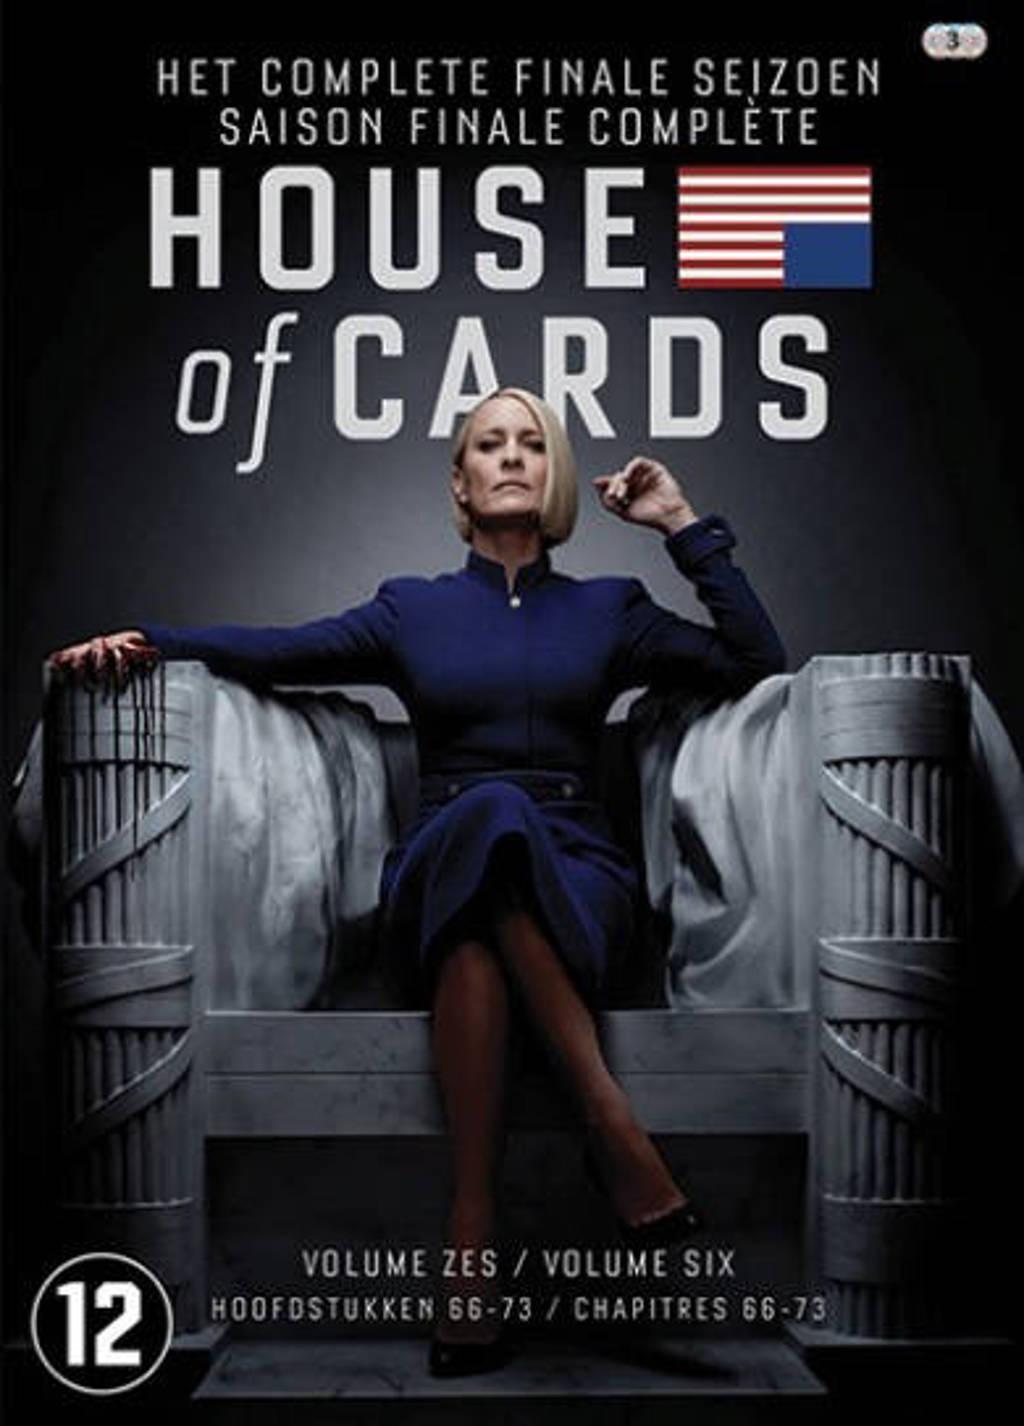 House of cards - Seizoen 6 (DVD)